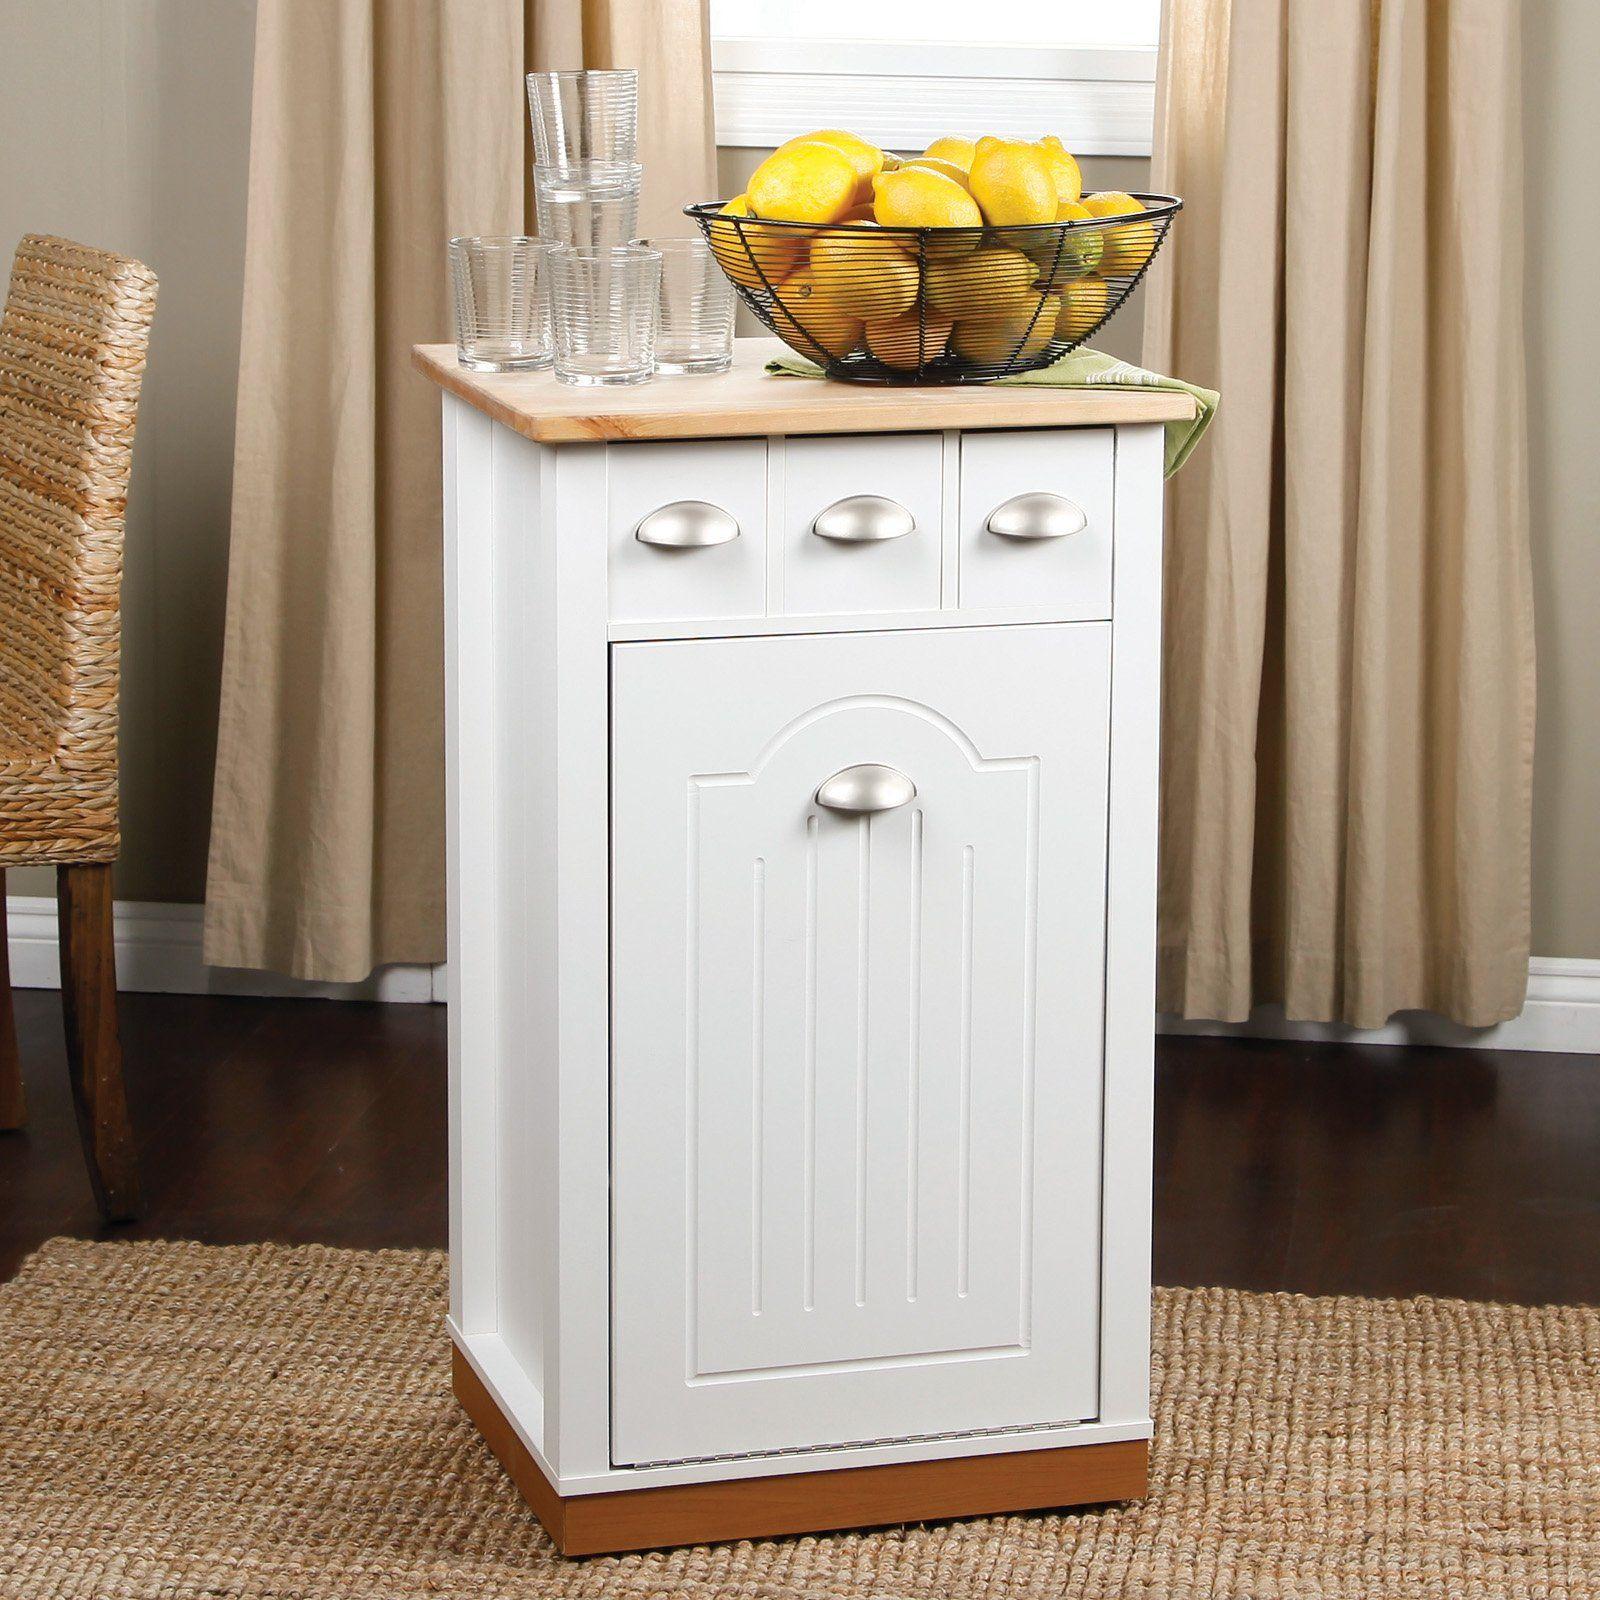 Have To Have It Venture Horizon Holden Kitchen Island With Hidden Trash Bin Pantry 179 95 Hayneedle Com In The Kitchen Kitchen Cabinet Storage Kitc